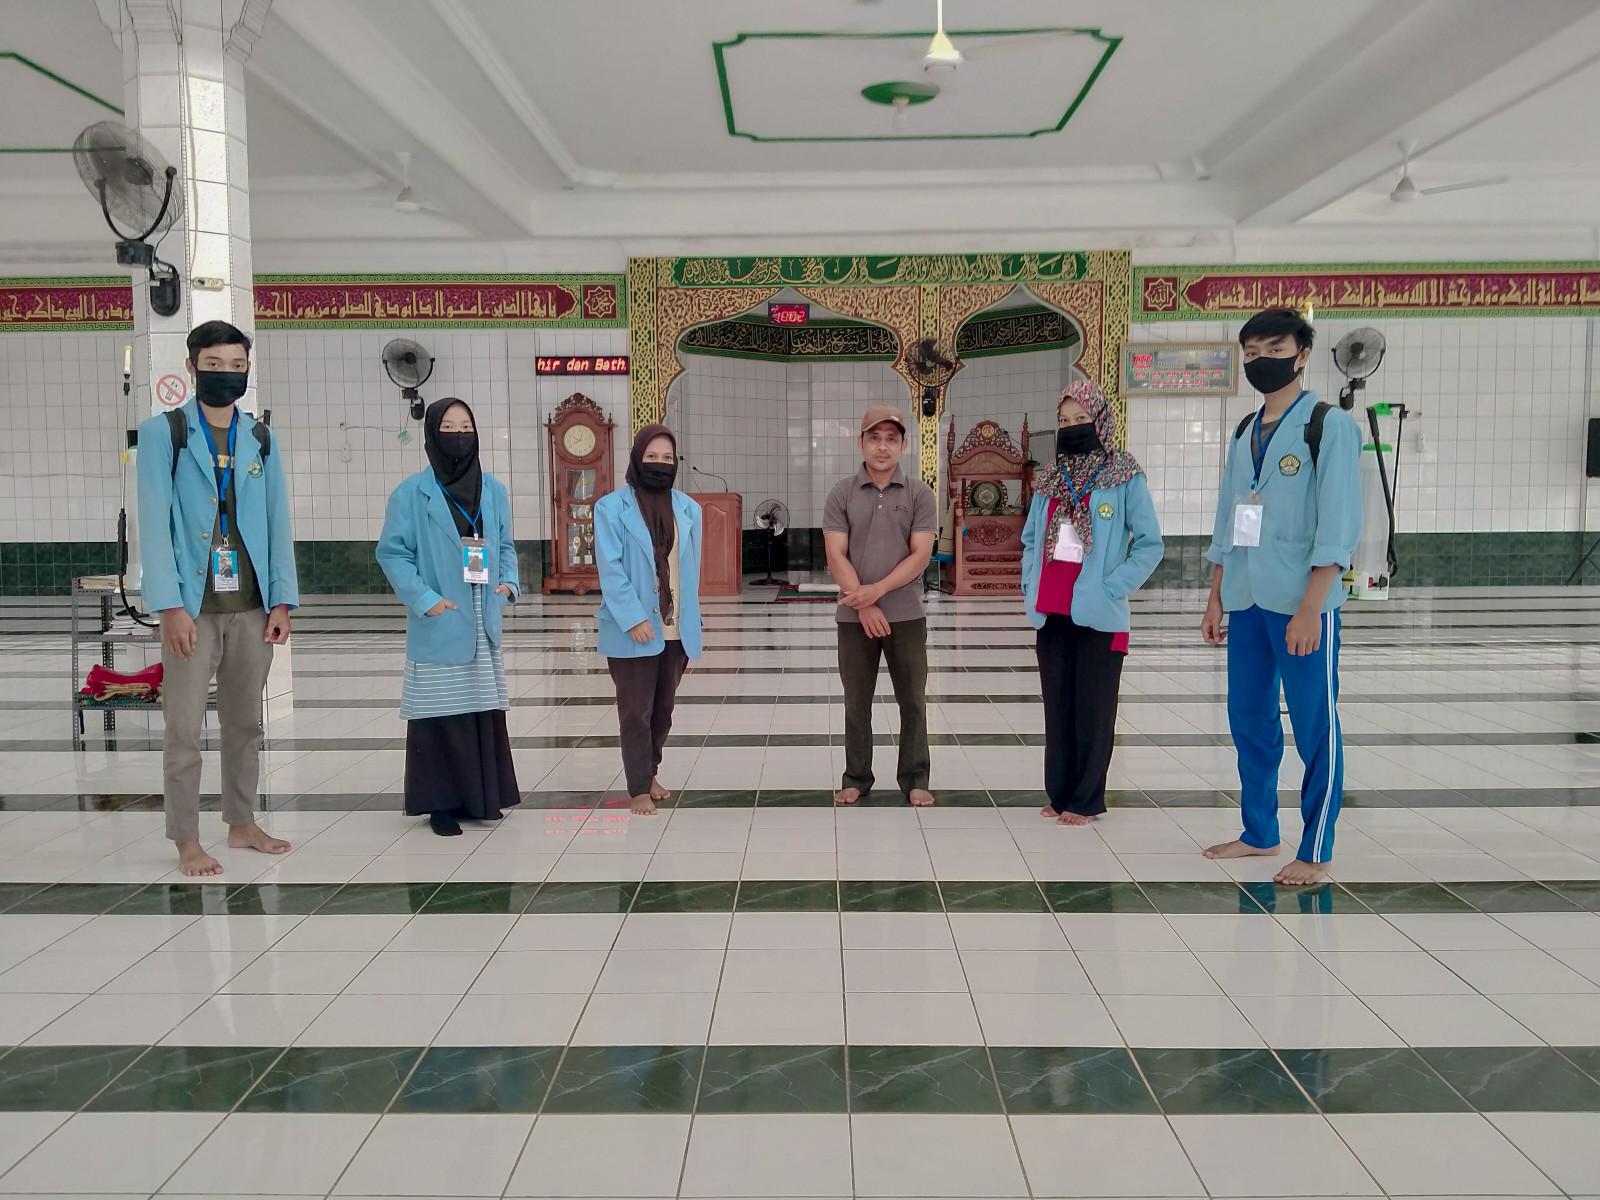 Mahasiswa Relawan Covid-19 Sterilisasi Masjid dan Mushalla dengan Disinfektan